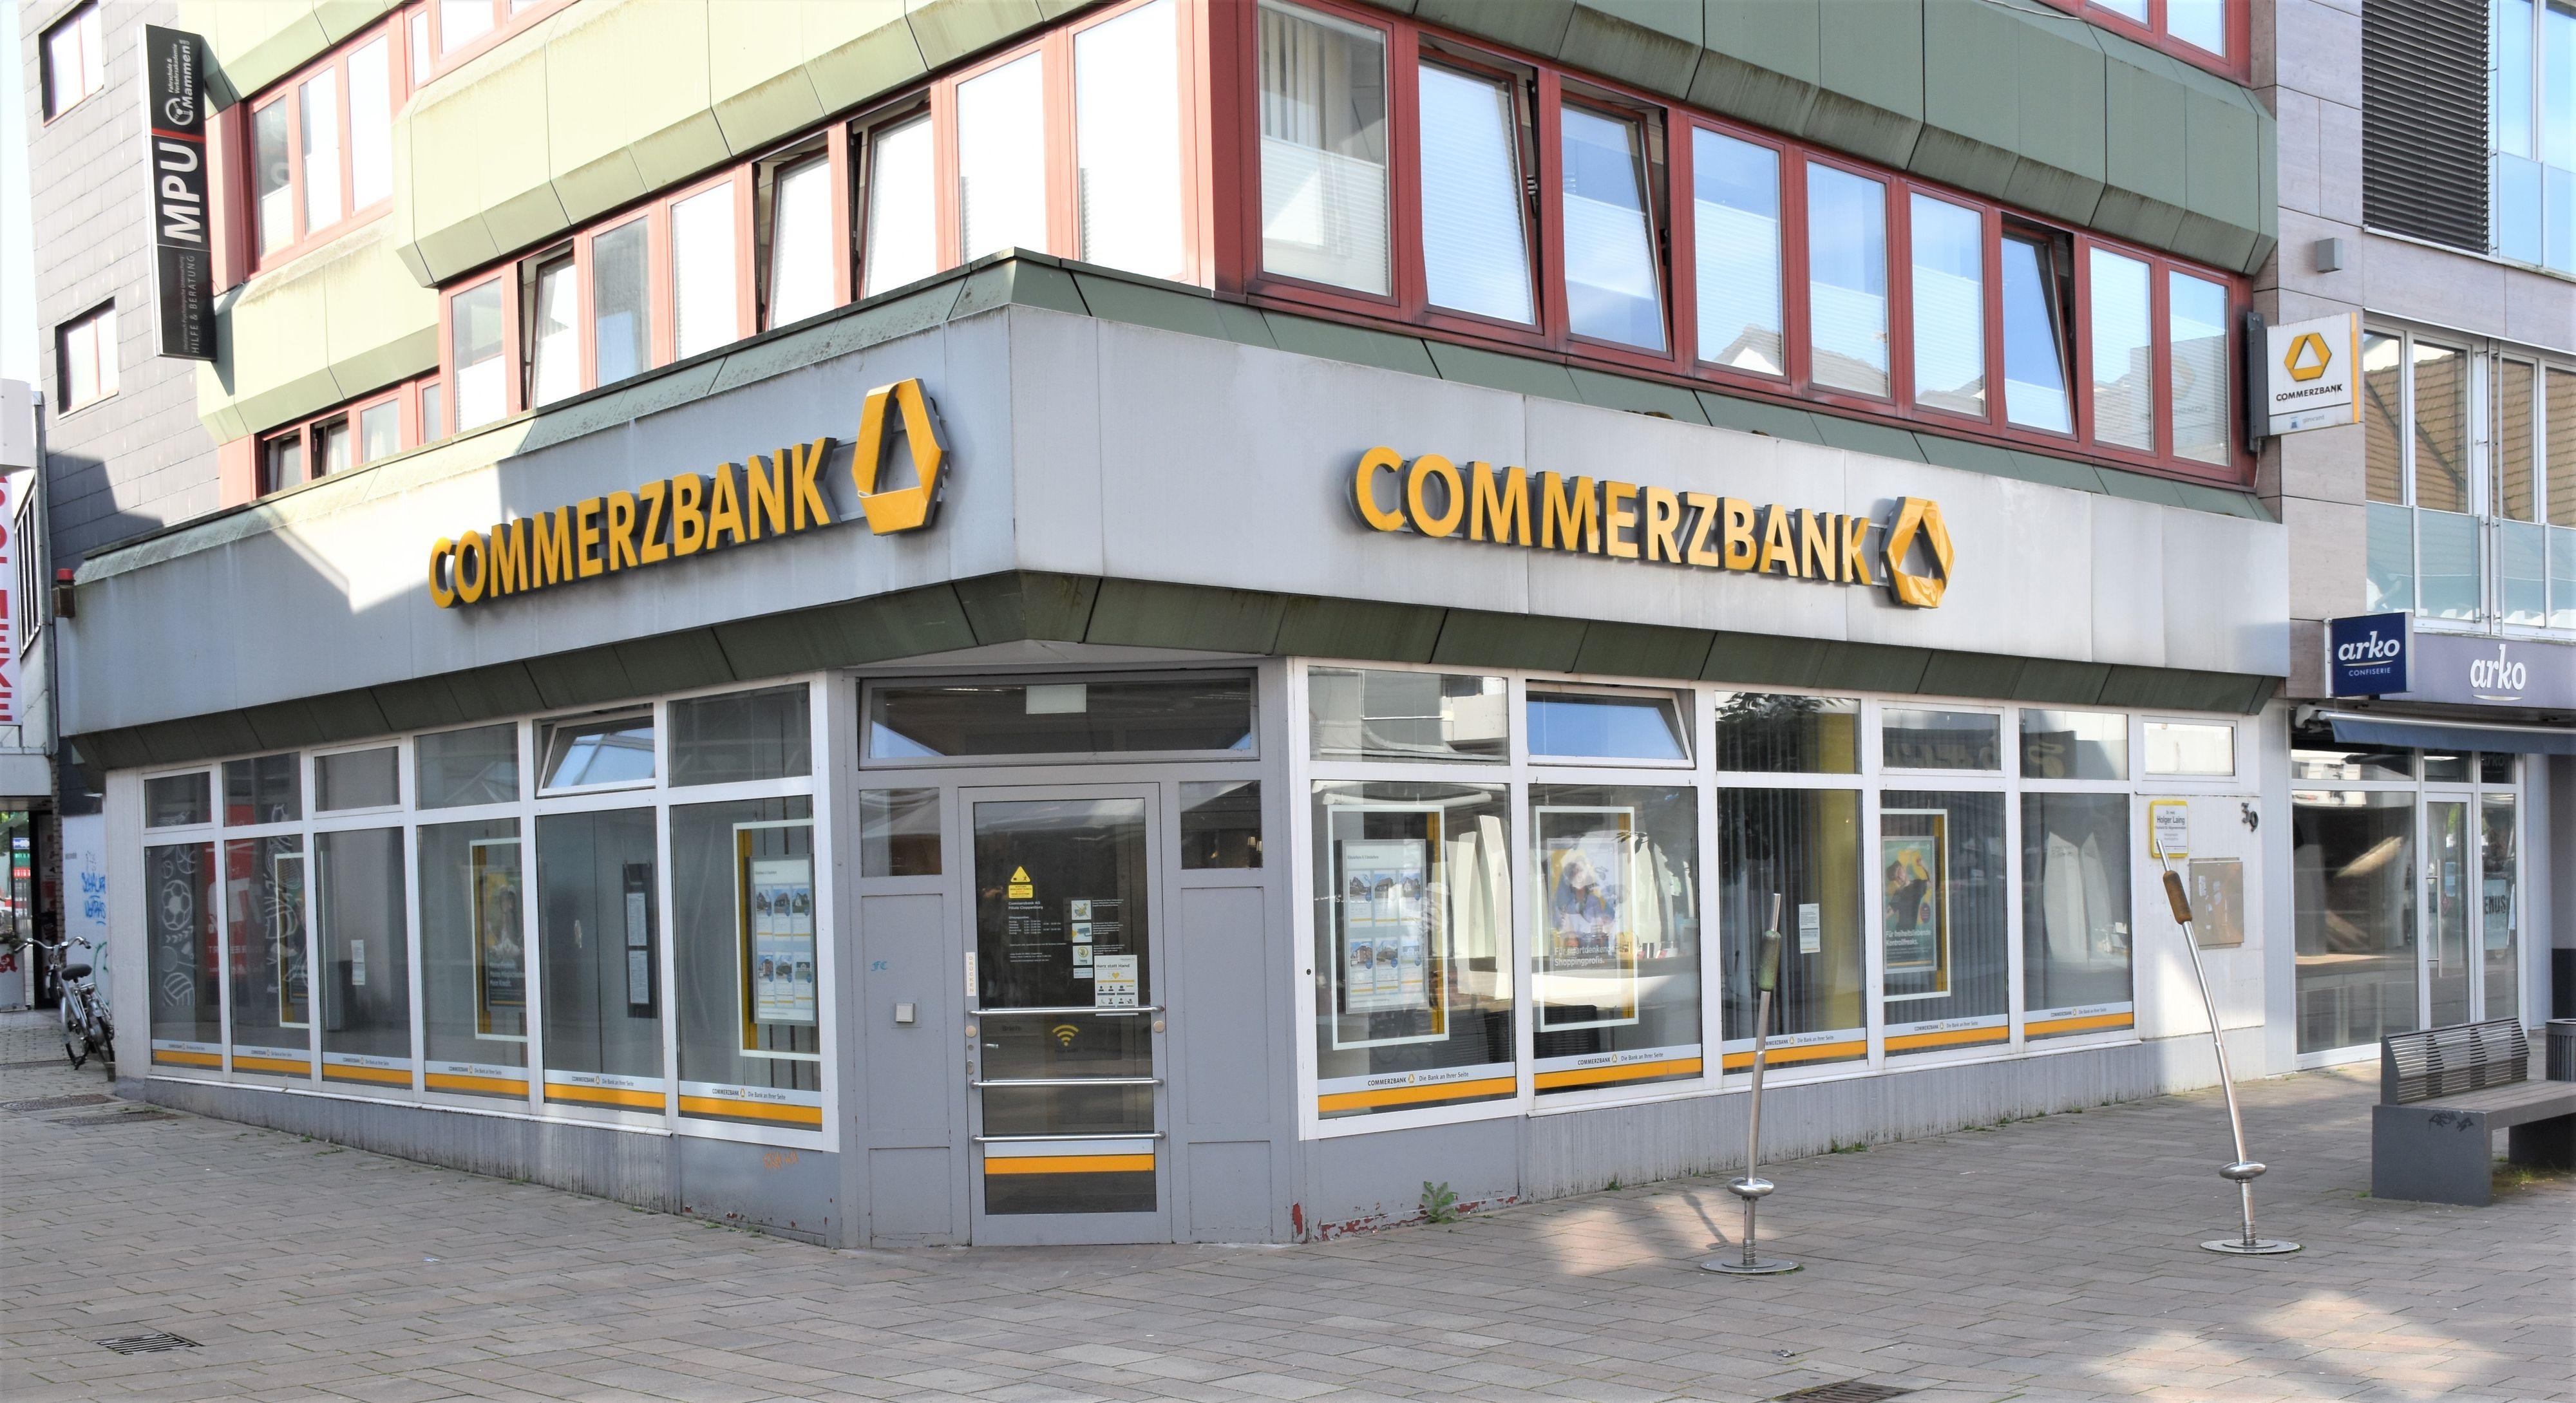 Die Commerzbank-Filiale in der Cloppenburger Fußgängerzone wird zum Ende des Jahres geschlossen. Ob die SB-Bereiche bleiben, ist noch unklar. Foto: Kühn